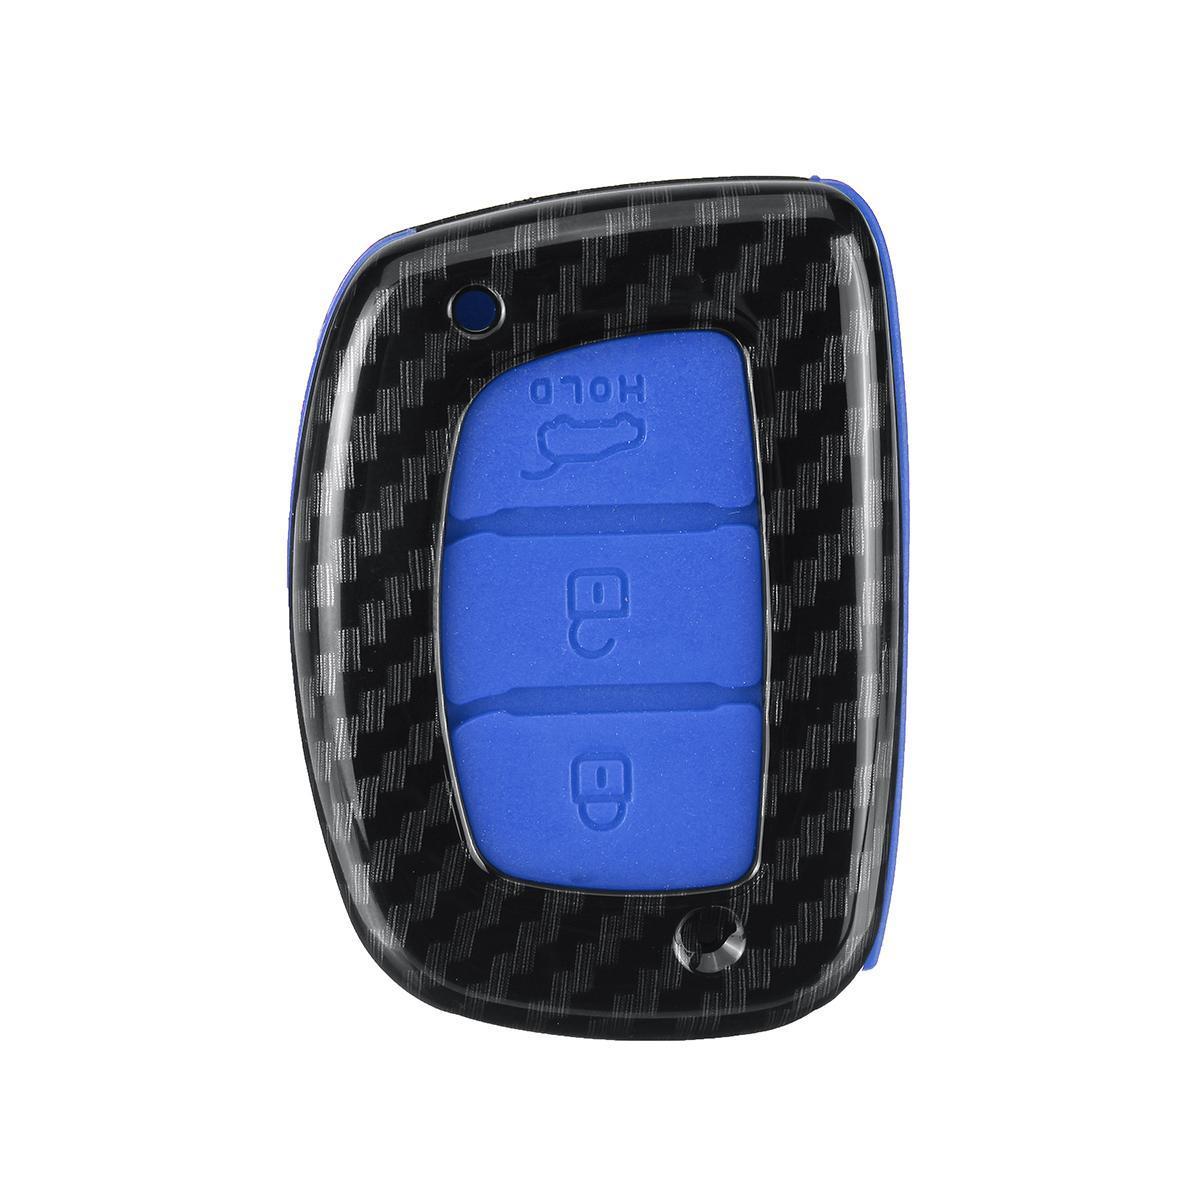 3 Buttons Silicone Key Fob Cover Case For Hyundai i30 IX35 Elantra Verna  Tucson #Blue